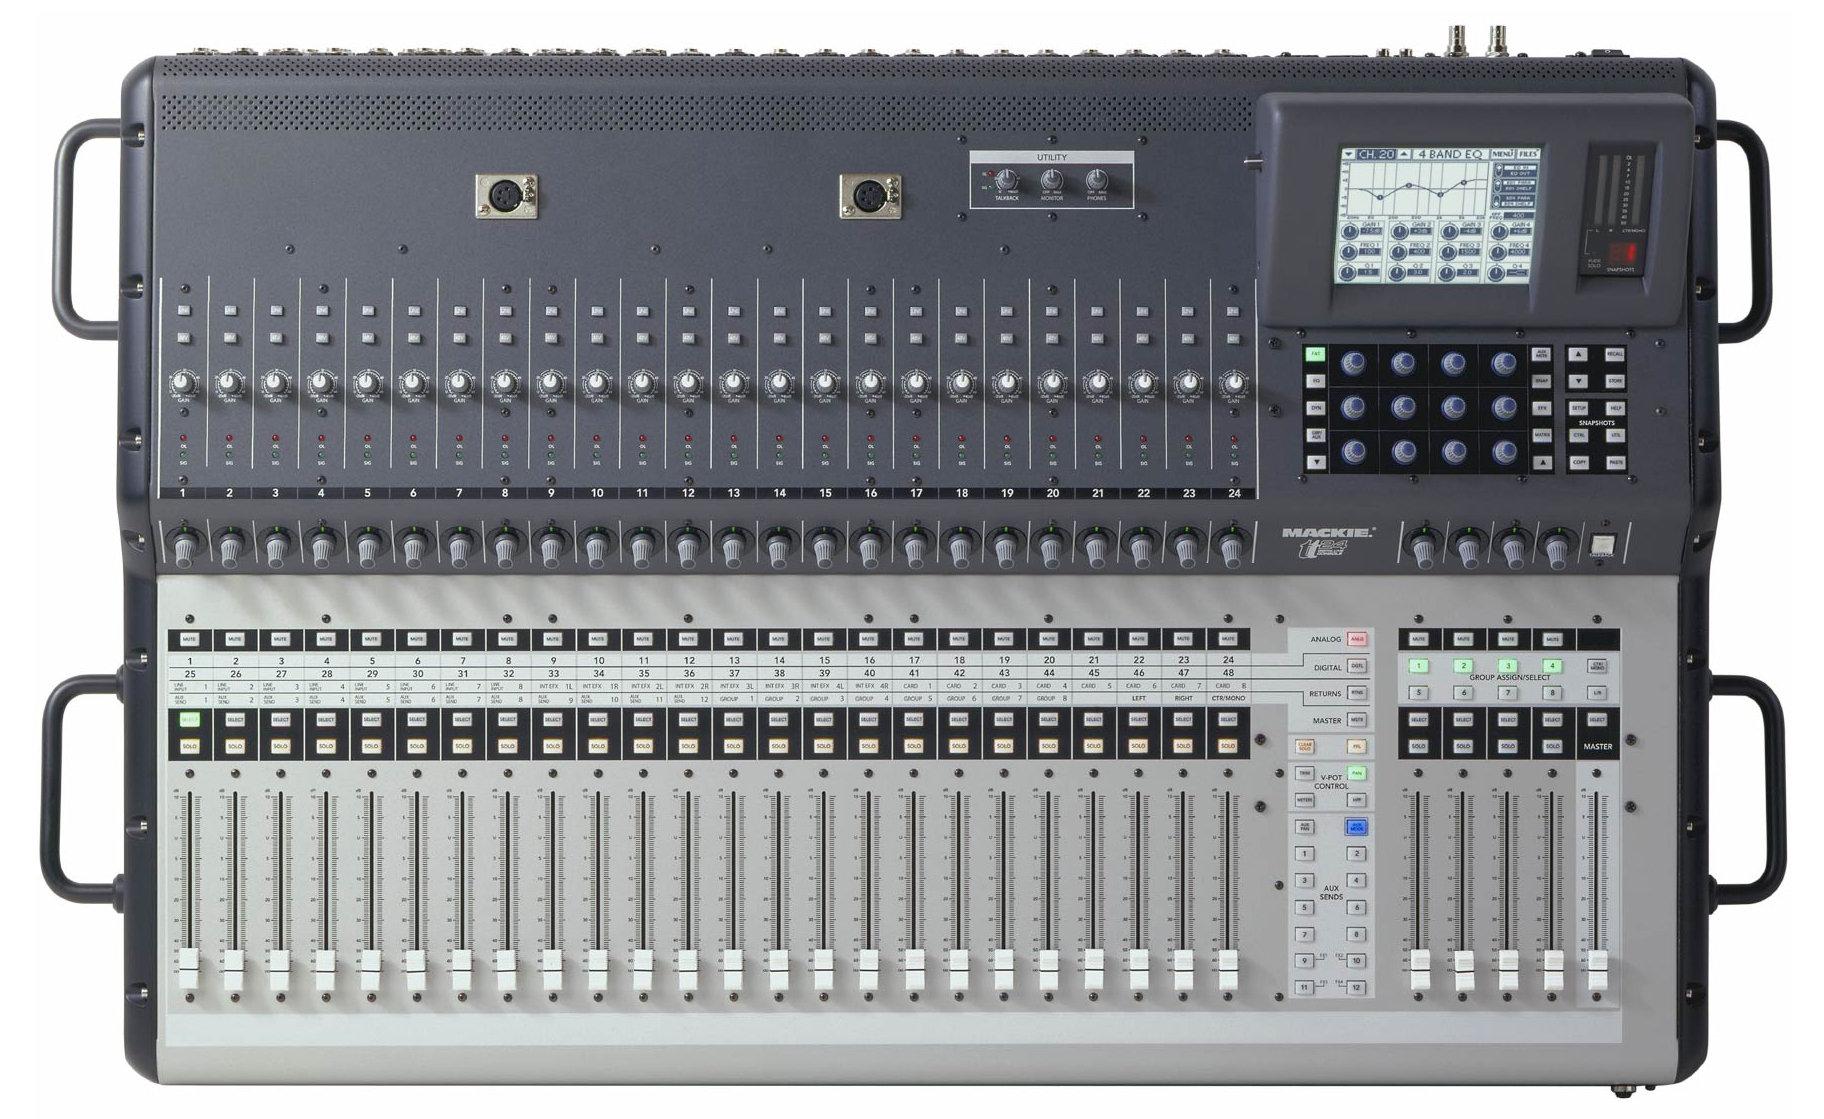 table de mixage mackie tt24 (poitou-charentes) - audiofanzine